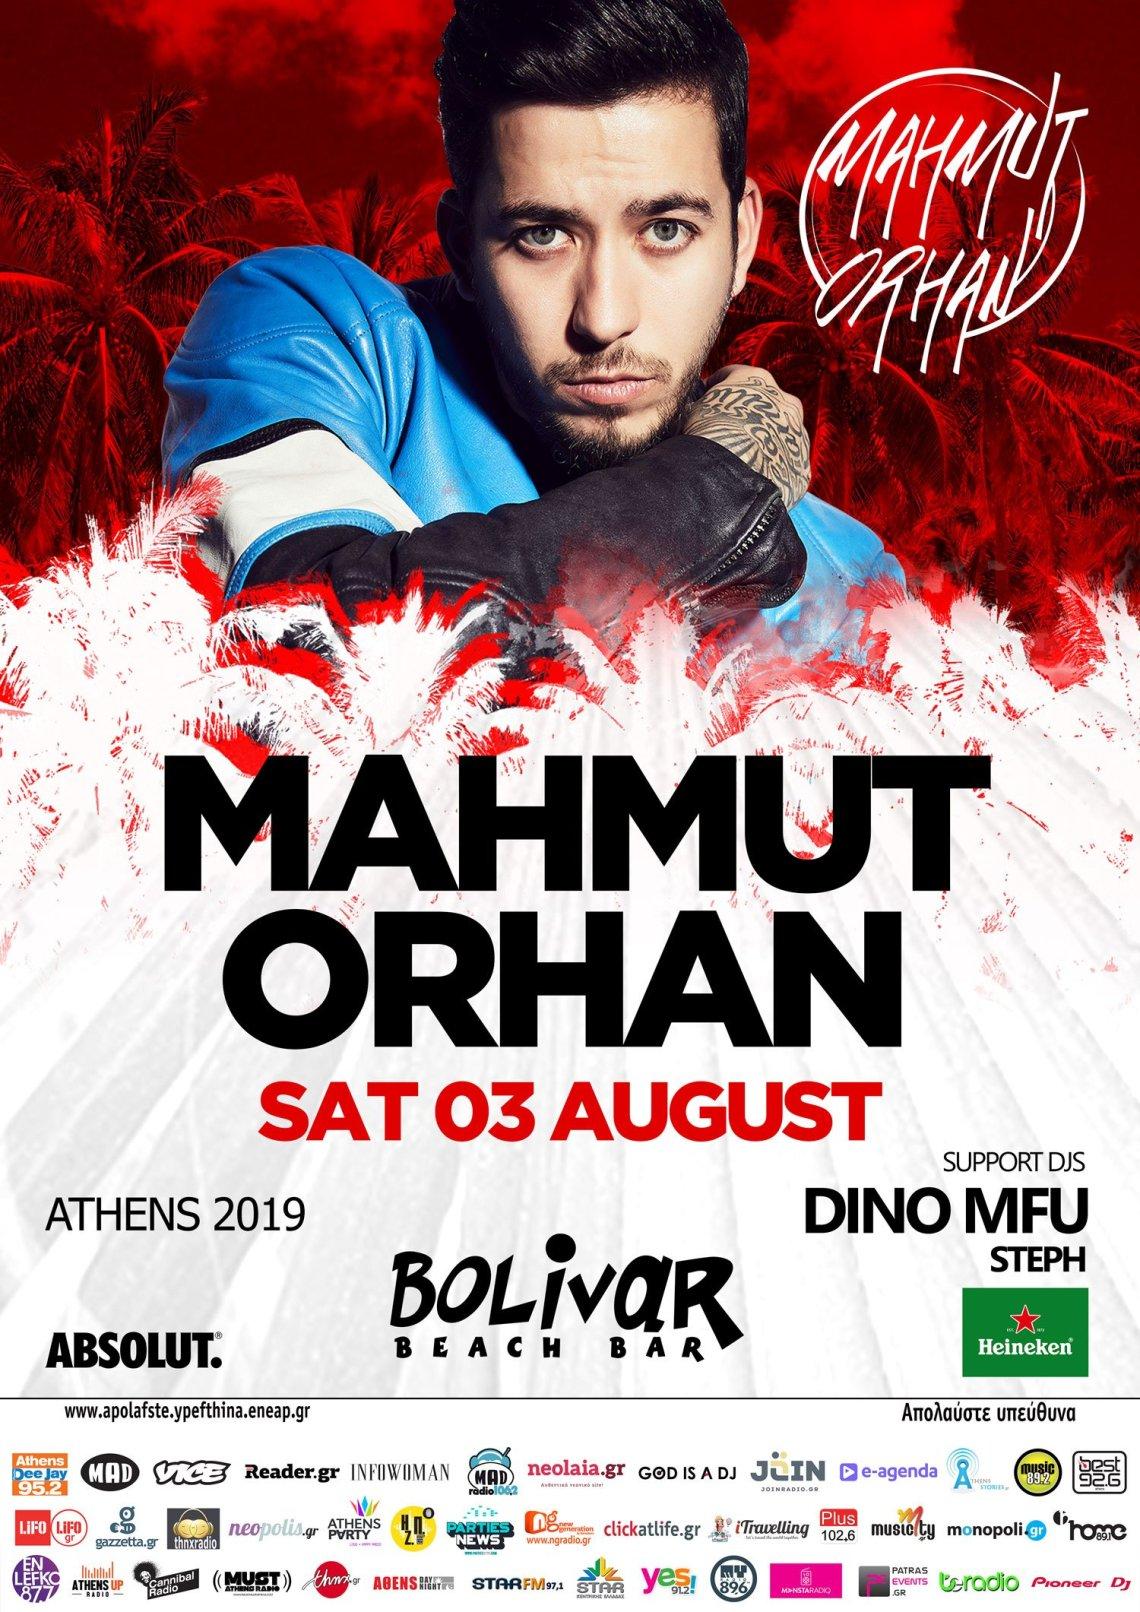 Ο Mahmut Orhan επιστρέφει στο Bolivar Beach Bar - itravelling.gr